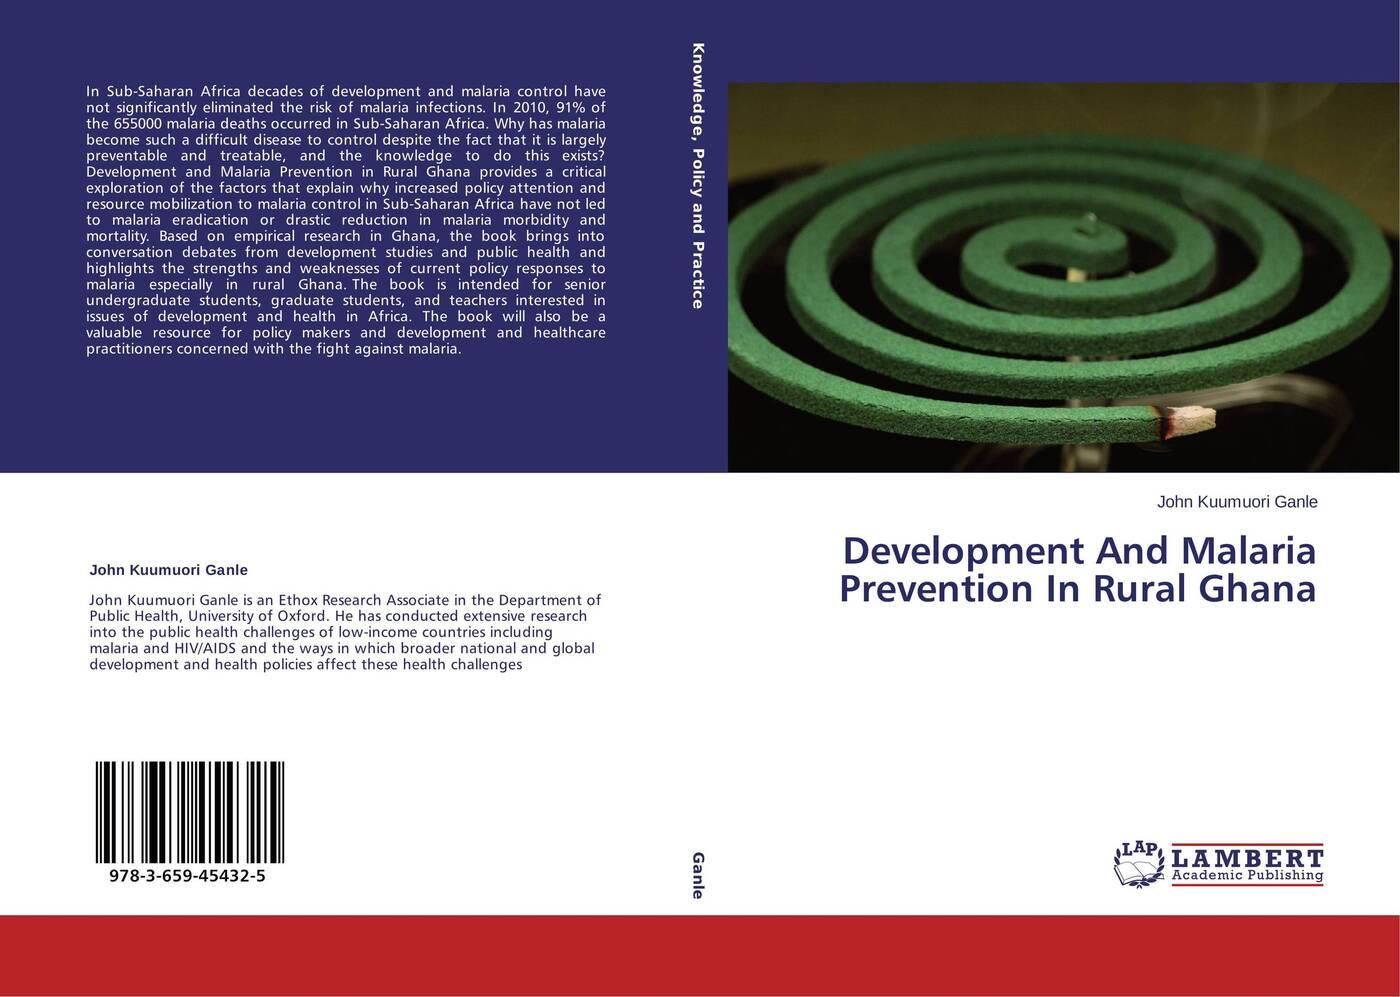 цены John Kuumuori Ganle Development And Malaria Prevention In Rural Ghana